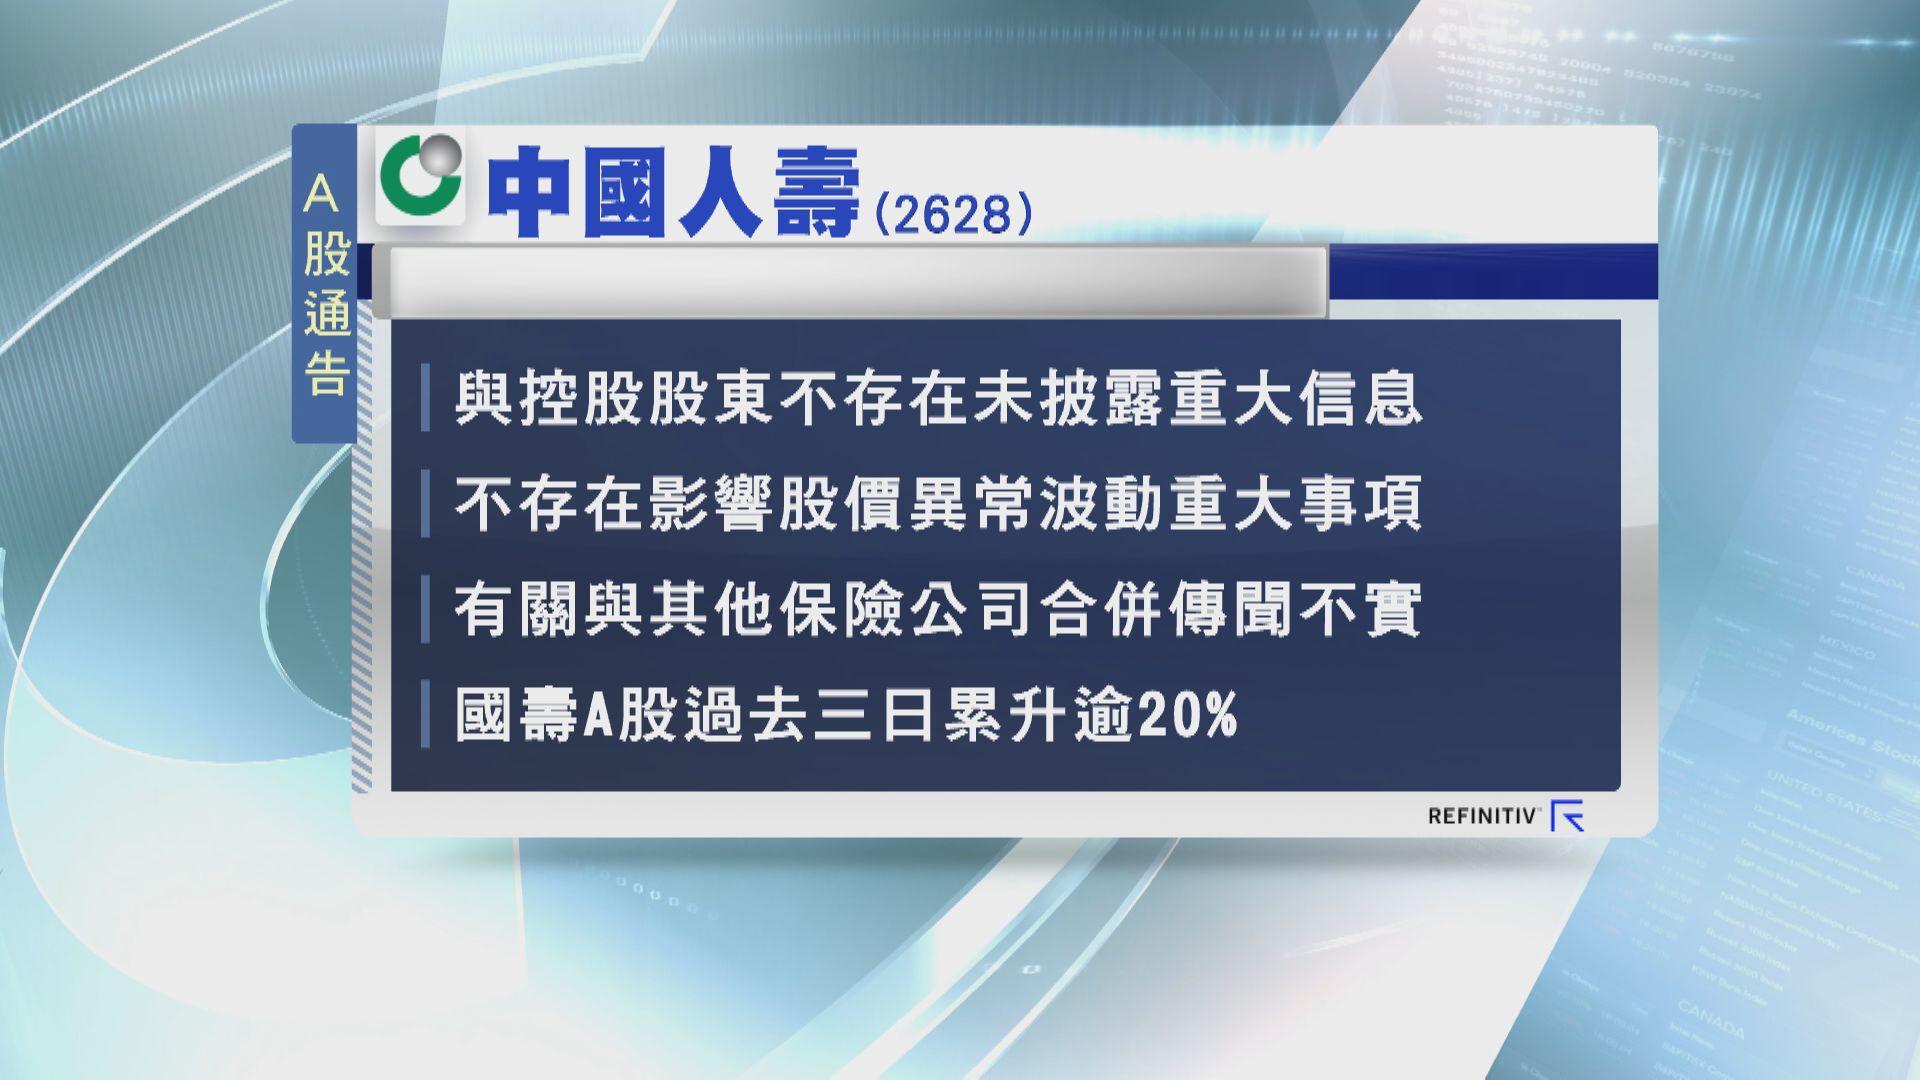 國壽:與其他保險公司合併傳聞不實